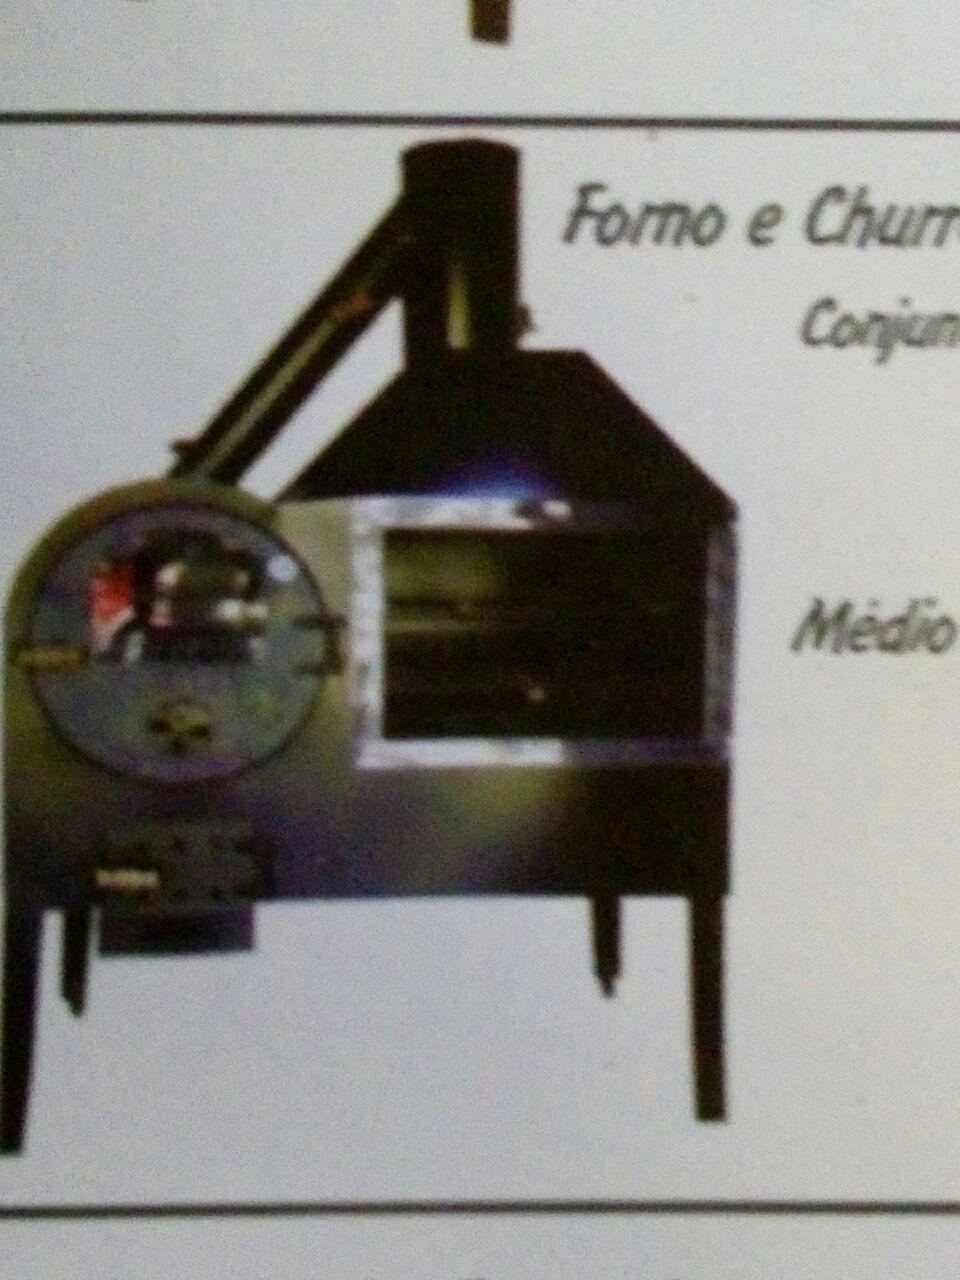 Forno churrasqueira